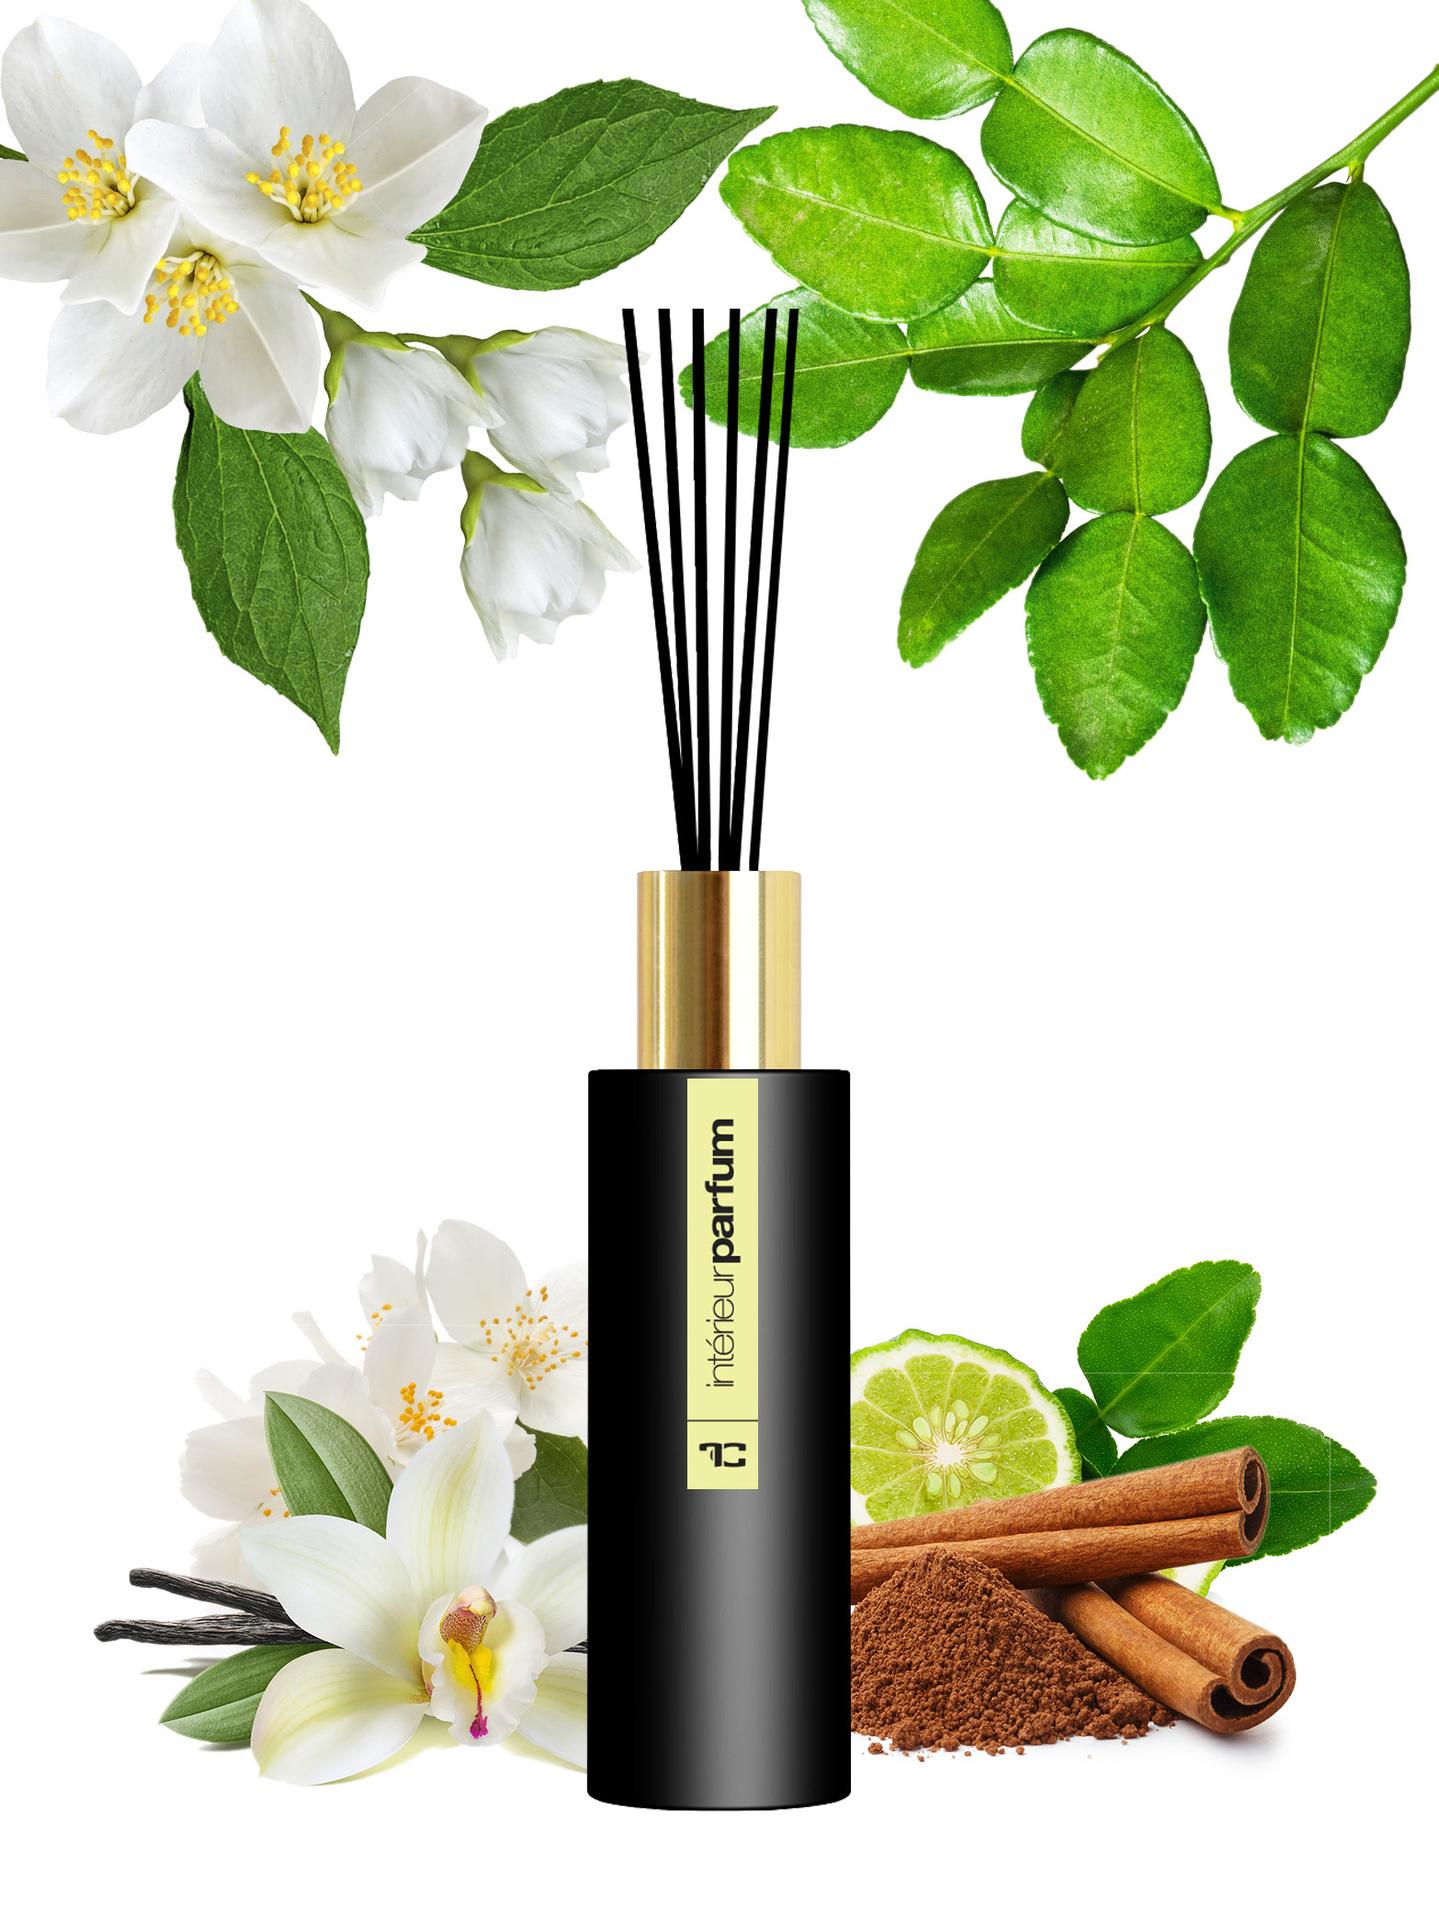 Interiérový parfém VANILLA CREAM, vonný roztok s vysokým obsahem parfémové kompozice